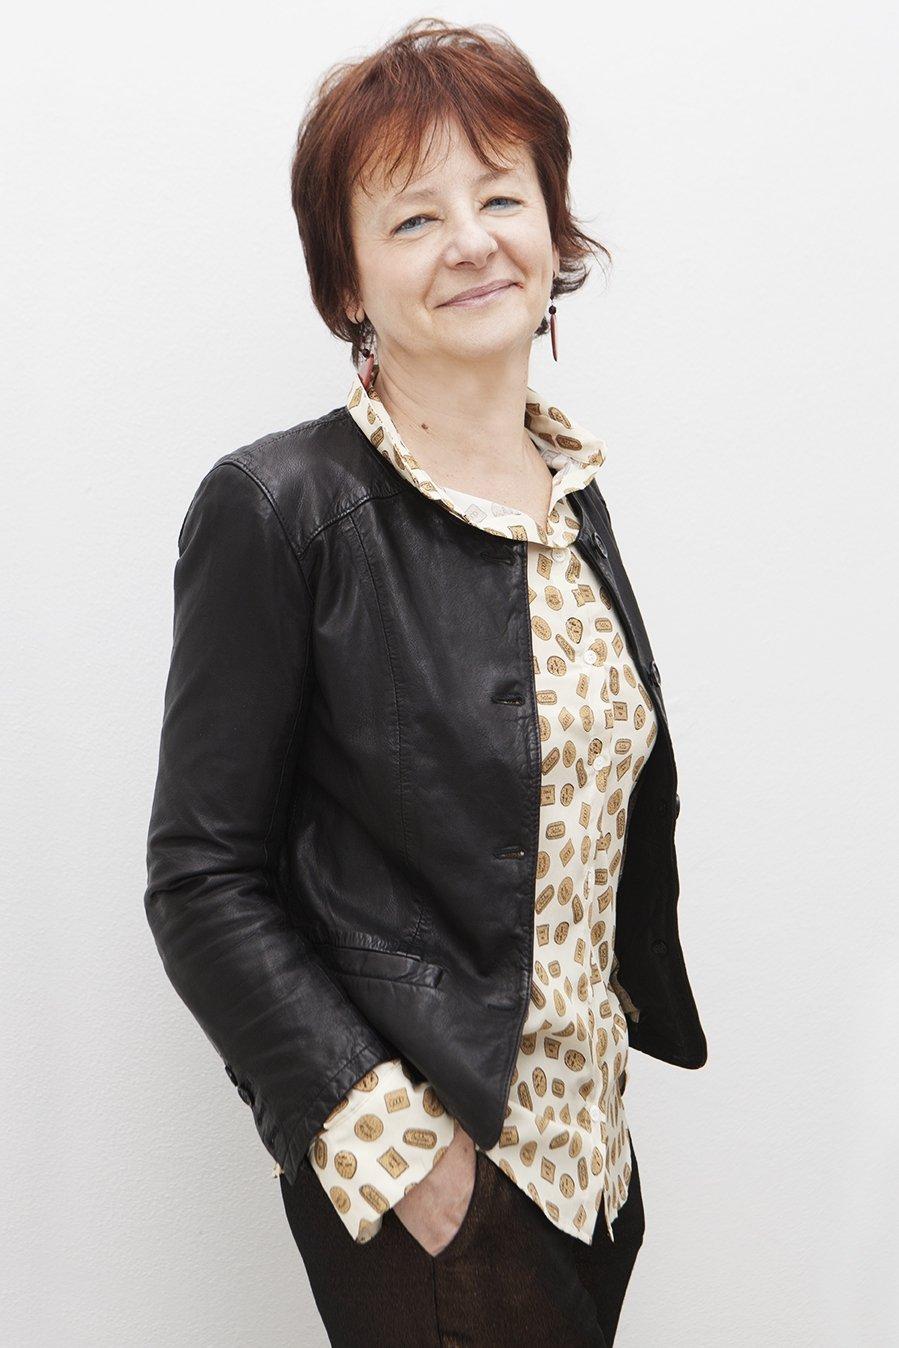 È Anna Cane la neo presidente del gruppo olio d'oliva di Assitol